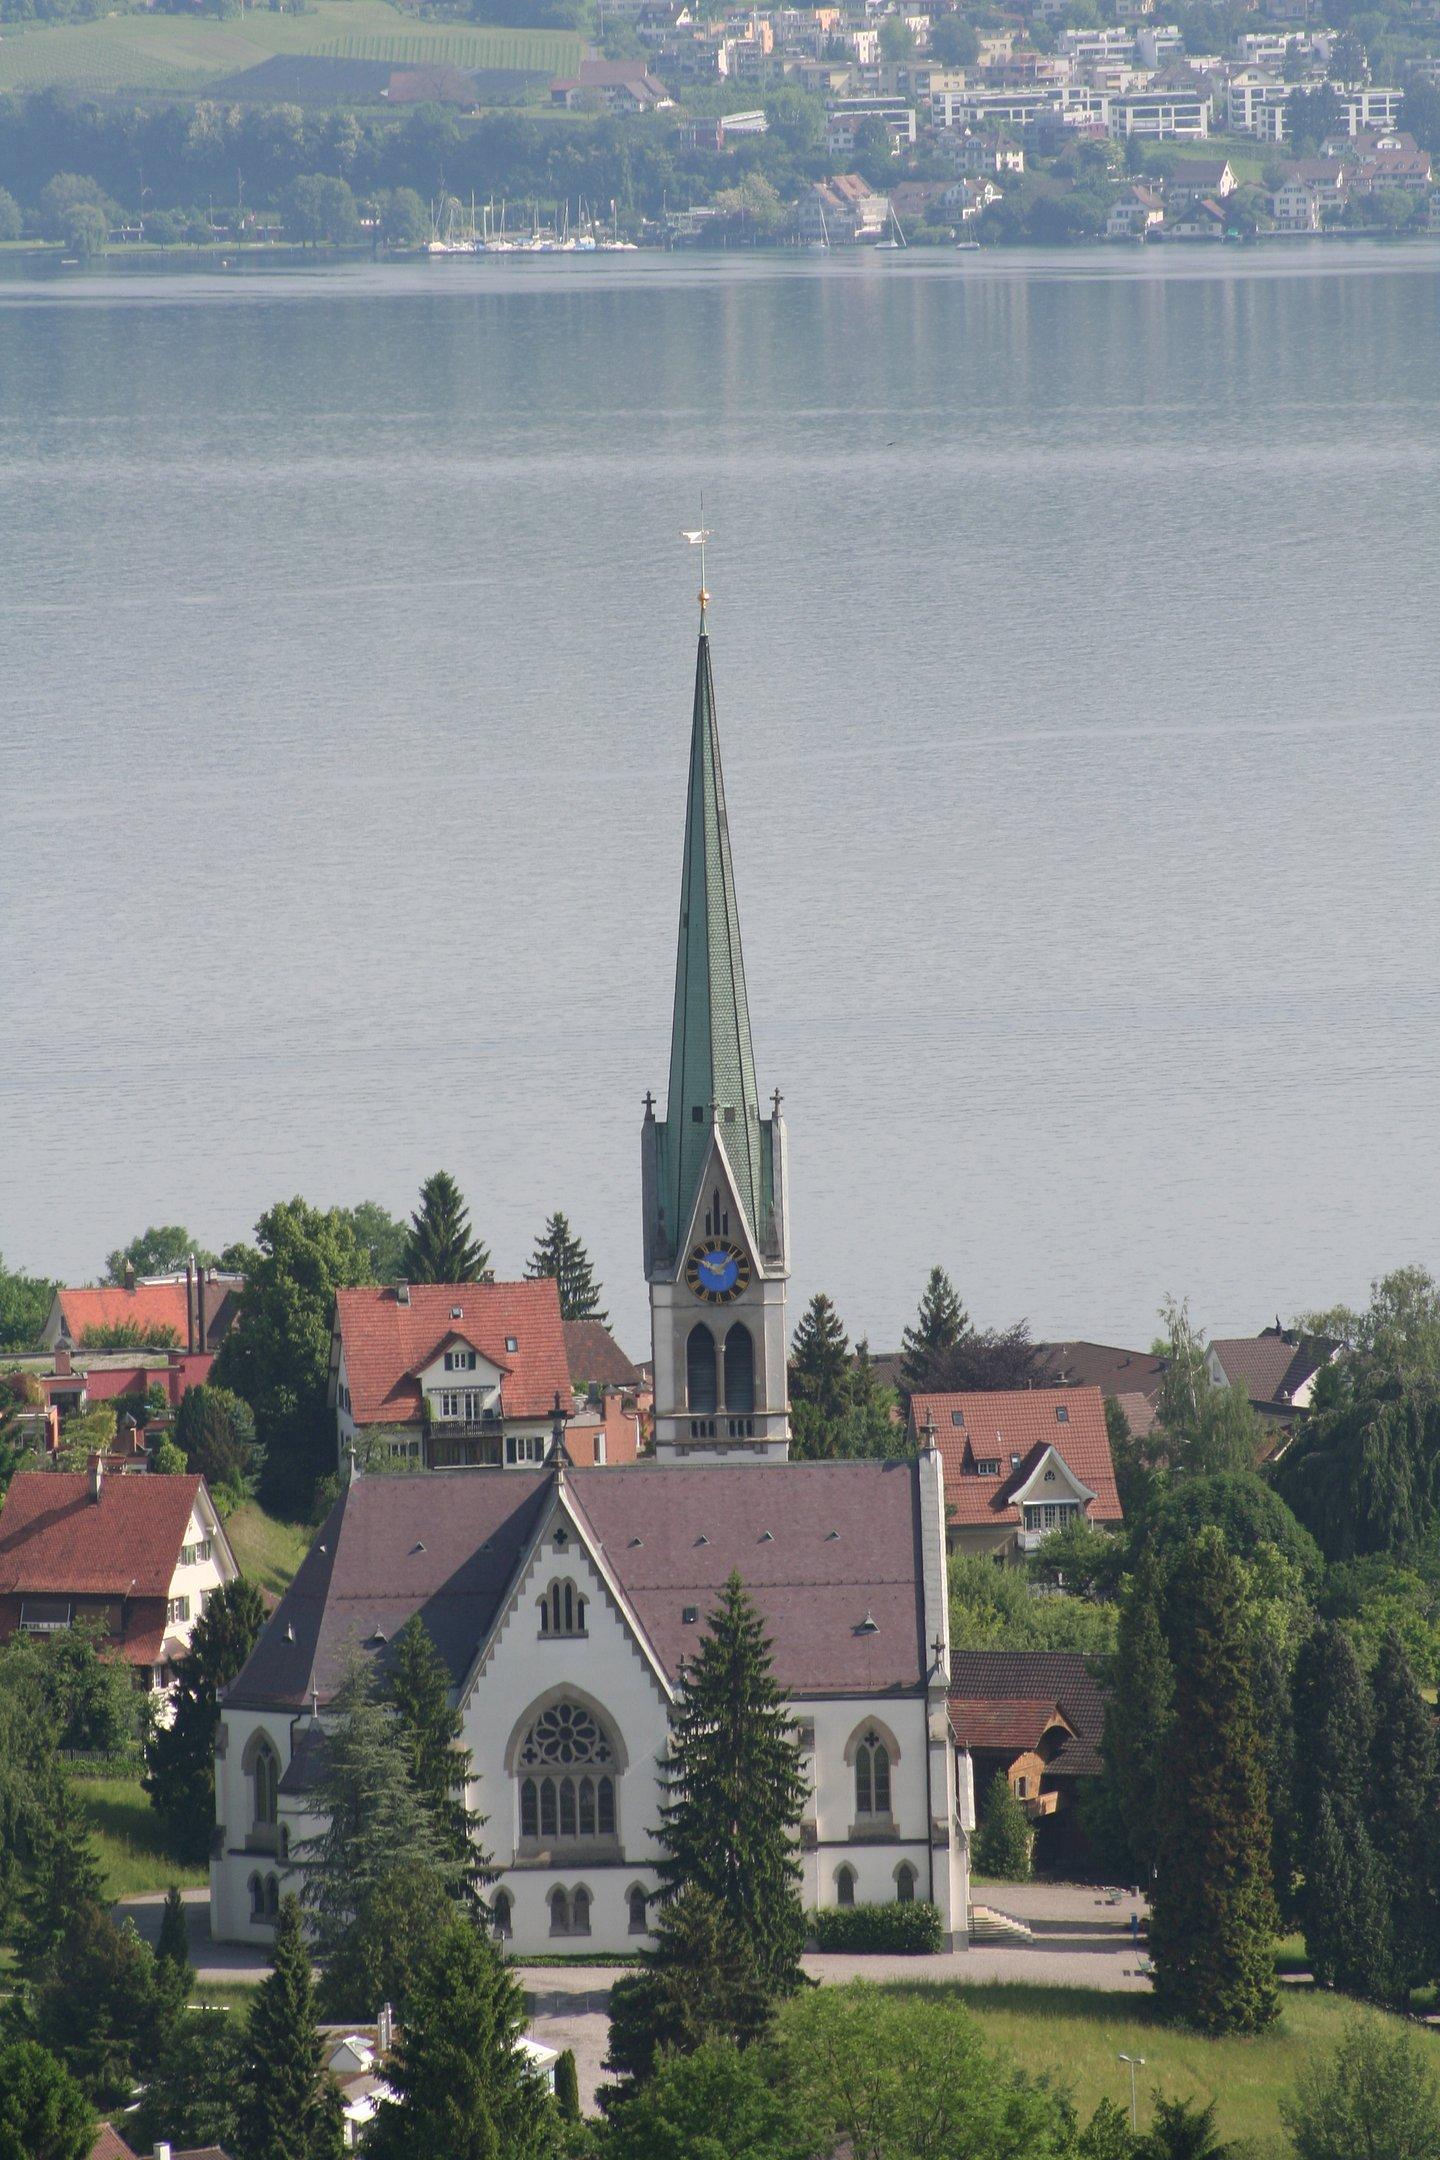 Ref. Kirchgemeinde Richterswil